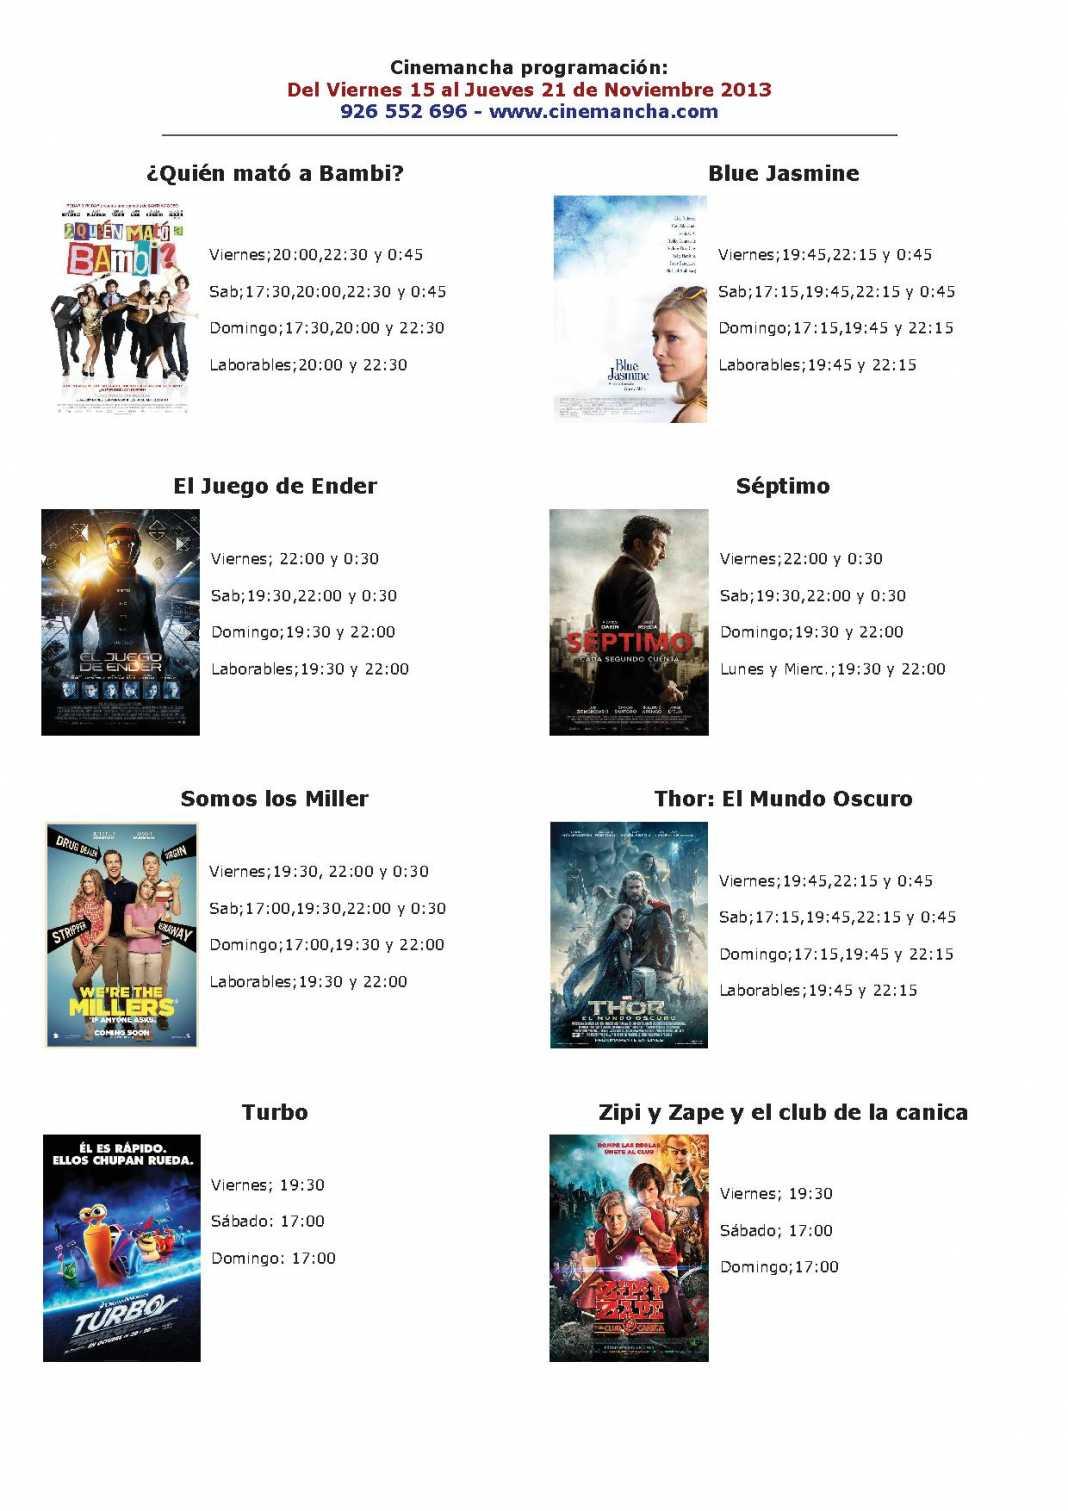 Programación Cinemancha del15 al 21 de noviembre 1